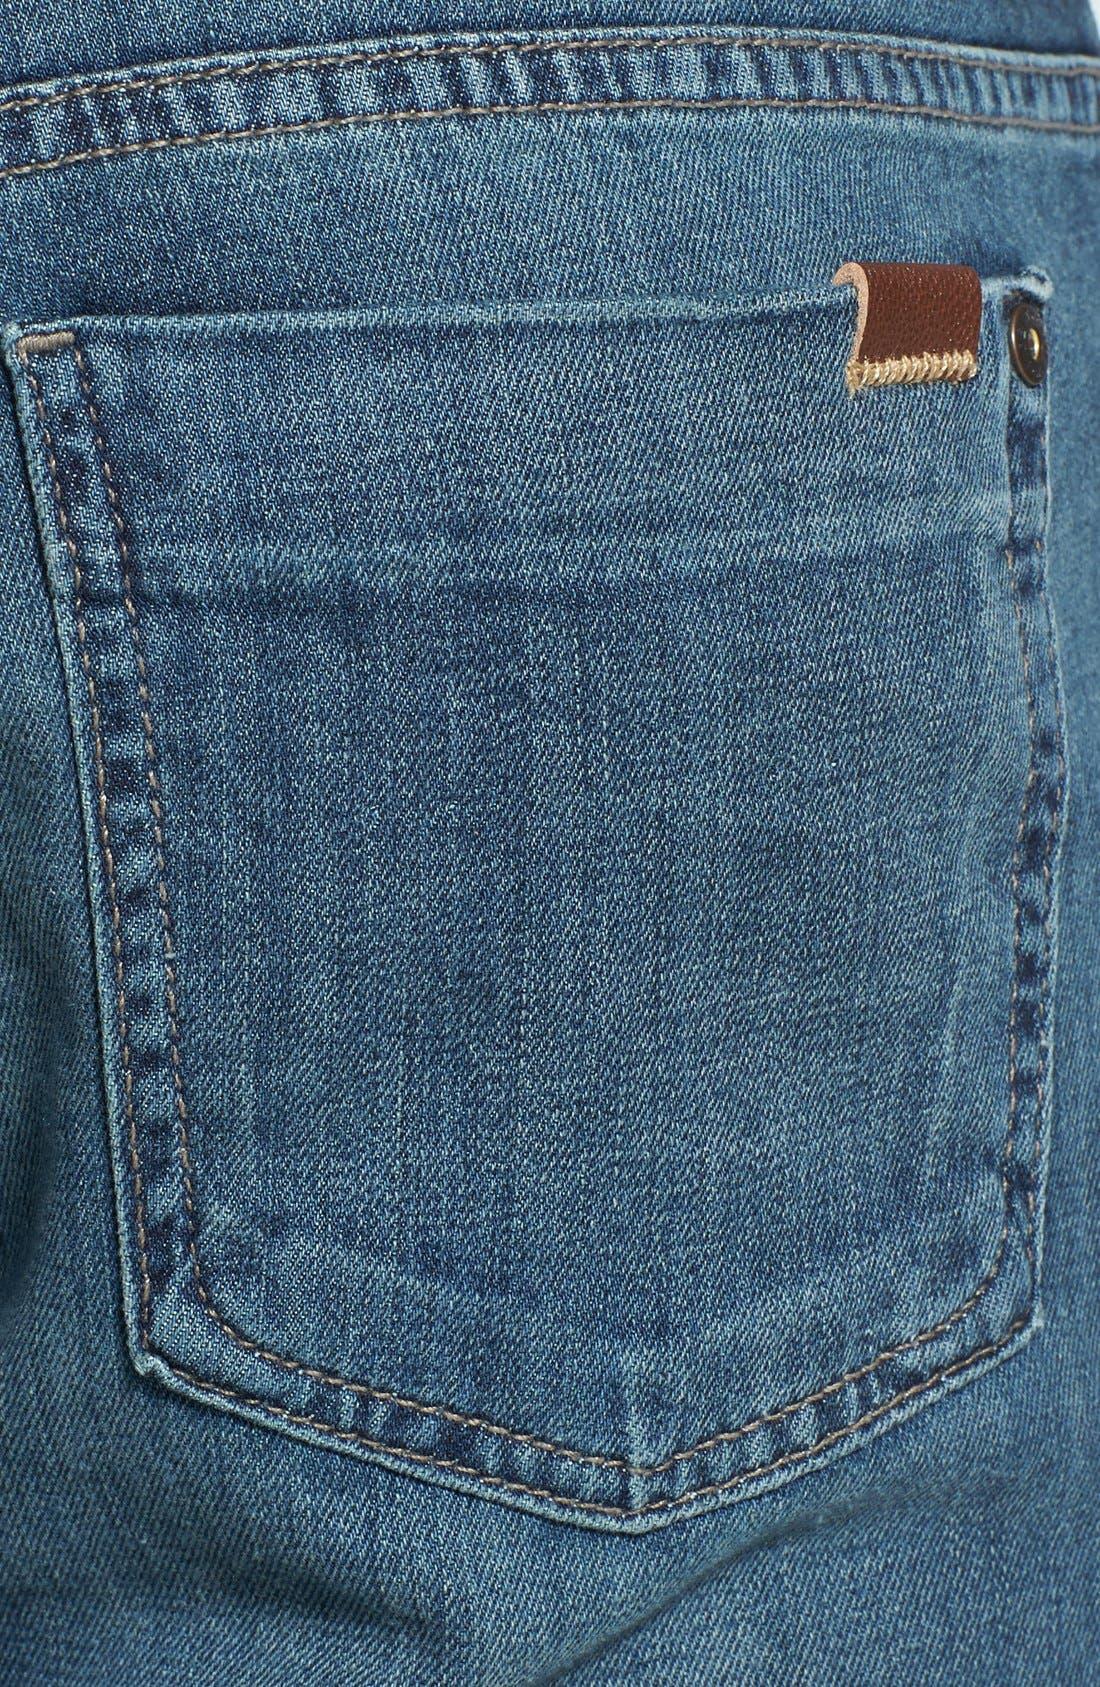 Alternate Image 4  - Fidelity Denim '5011' Straight Leg Jeans (Drifter Blue)